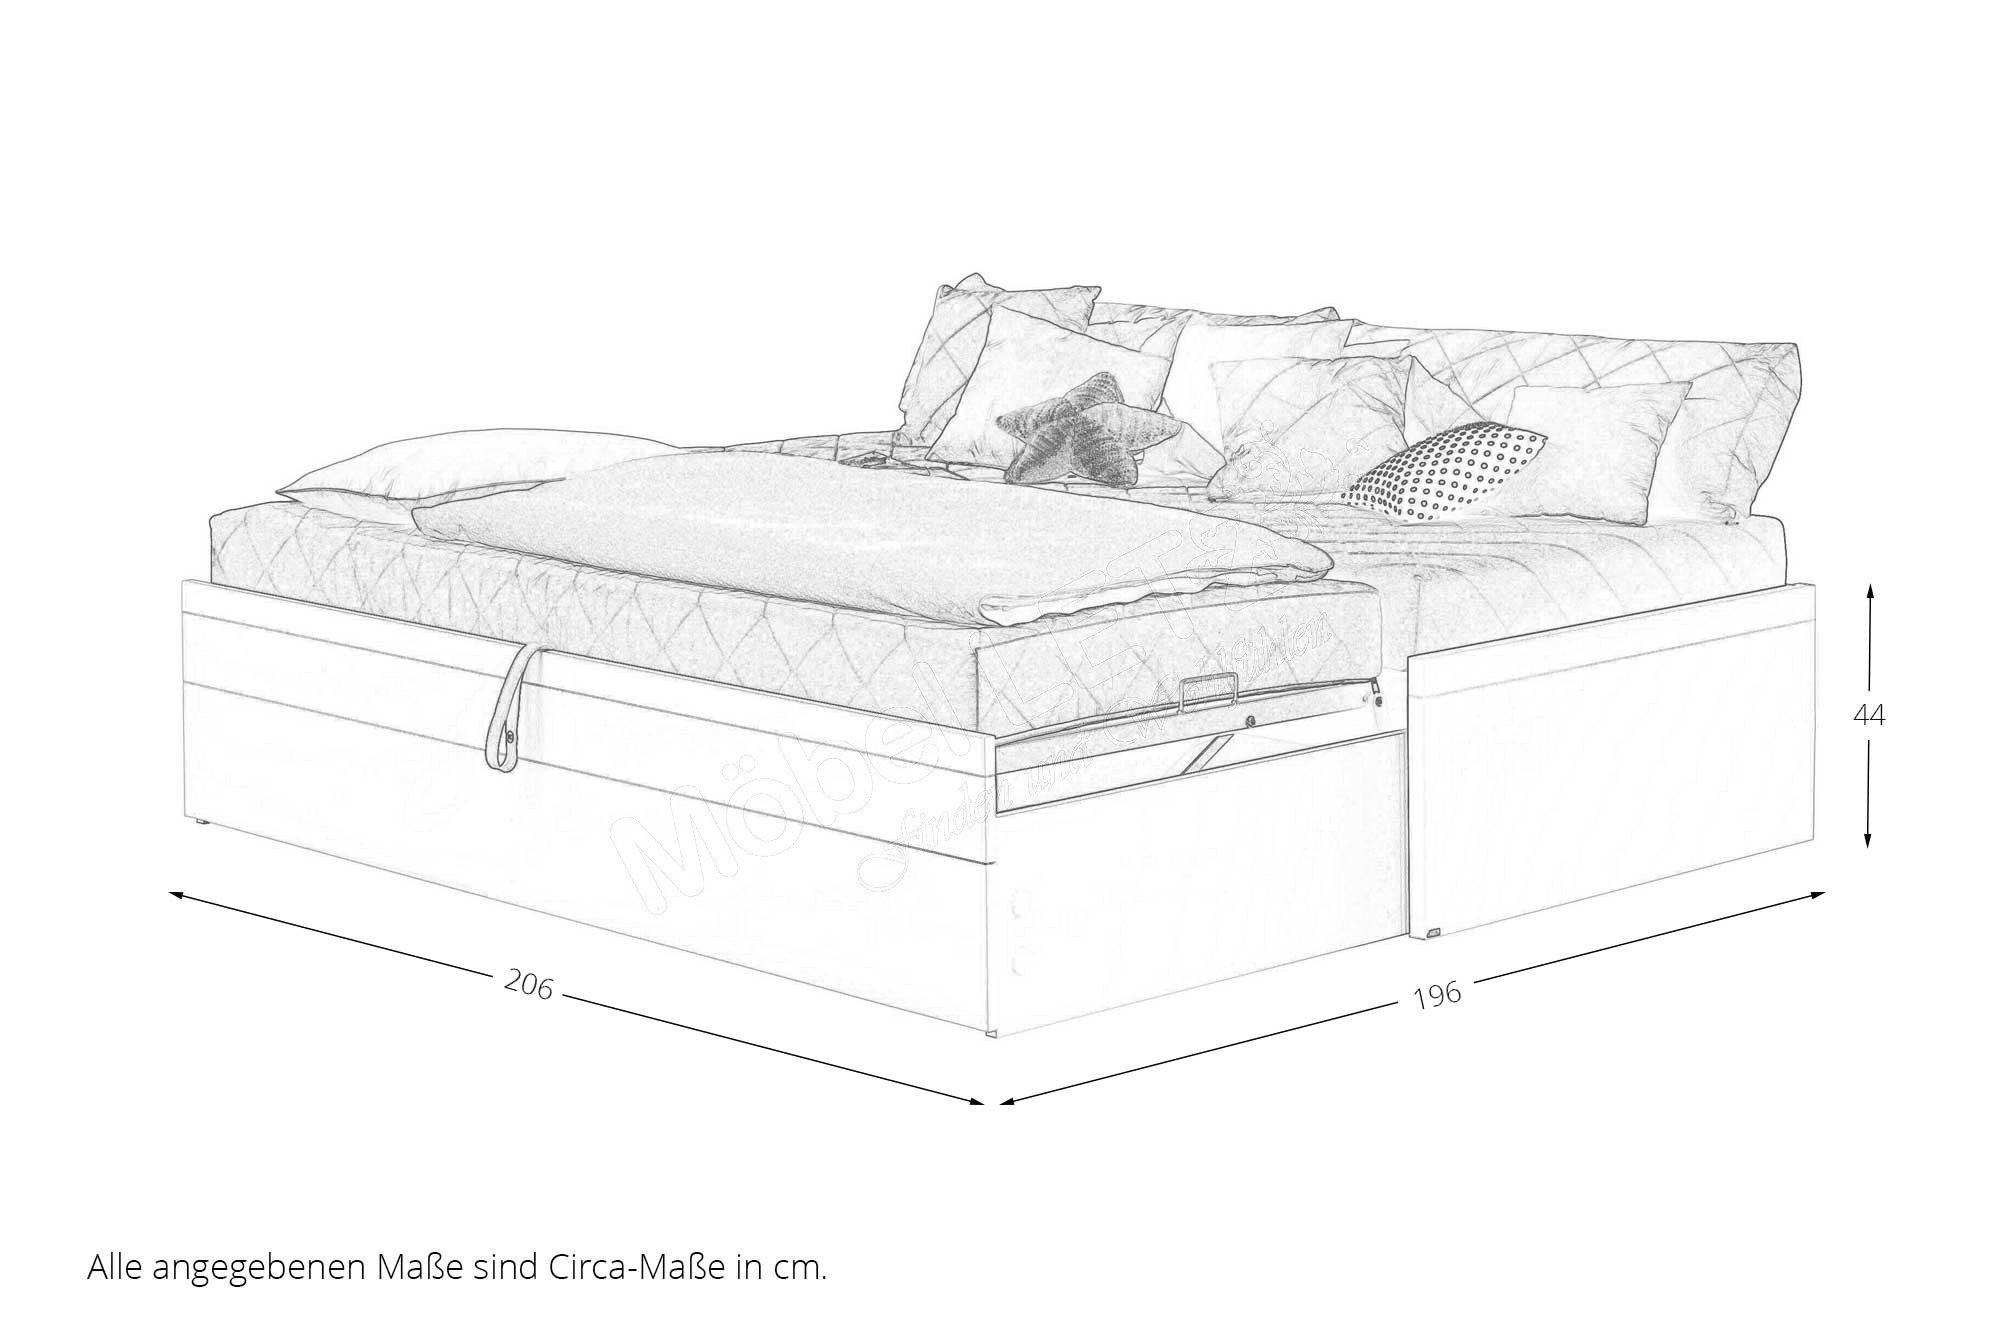 Full Size of Bett Ausziehbar Gleiche Ebene Ikea Paidi Universalliege Flynn Mit Ausziehfunktion Mbel Letz Nolte Betten 80x200 Chesterfield Esstische Billige 100x200 Wohnzimmer Bett Ausziehbar Gleiche Ebene